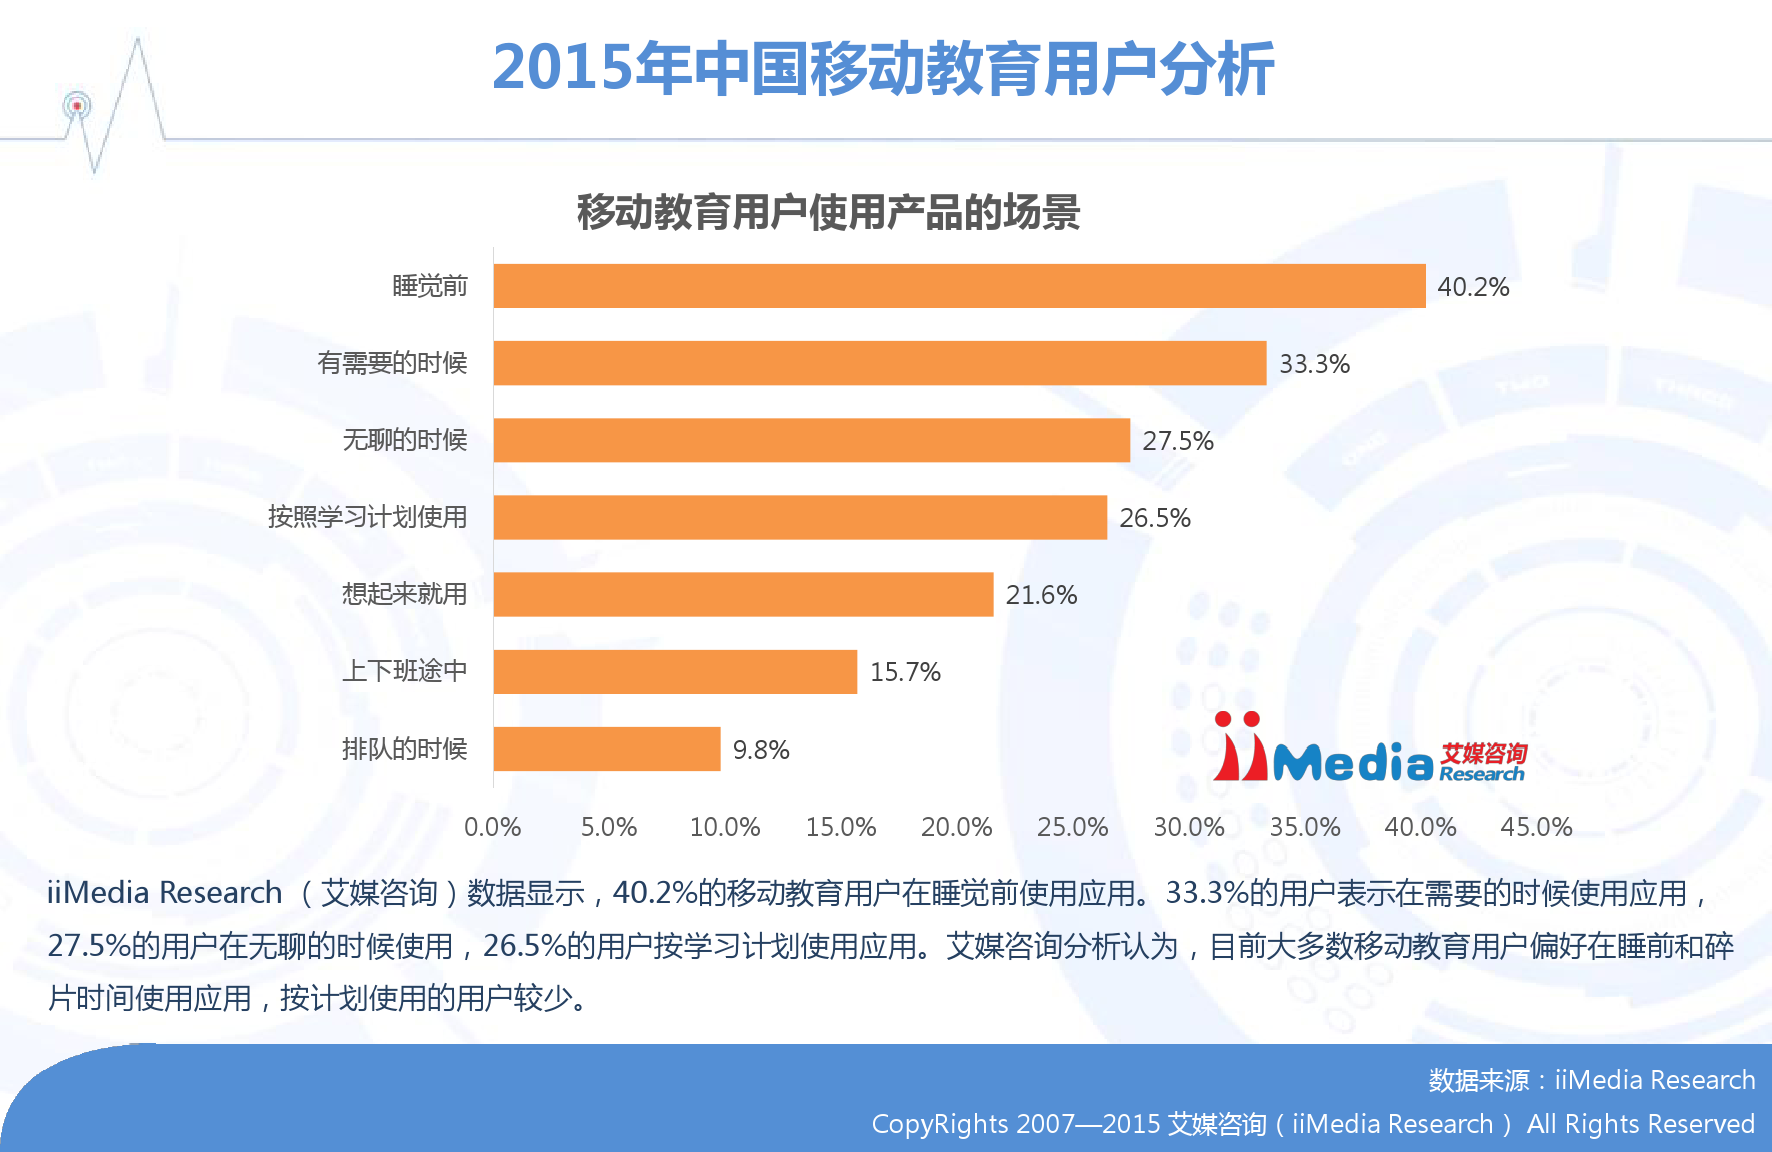 2015-2016年中国移动教育市场研究报告_000021